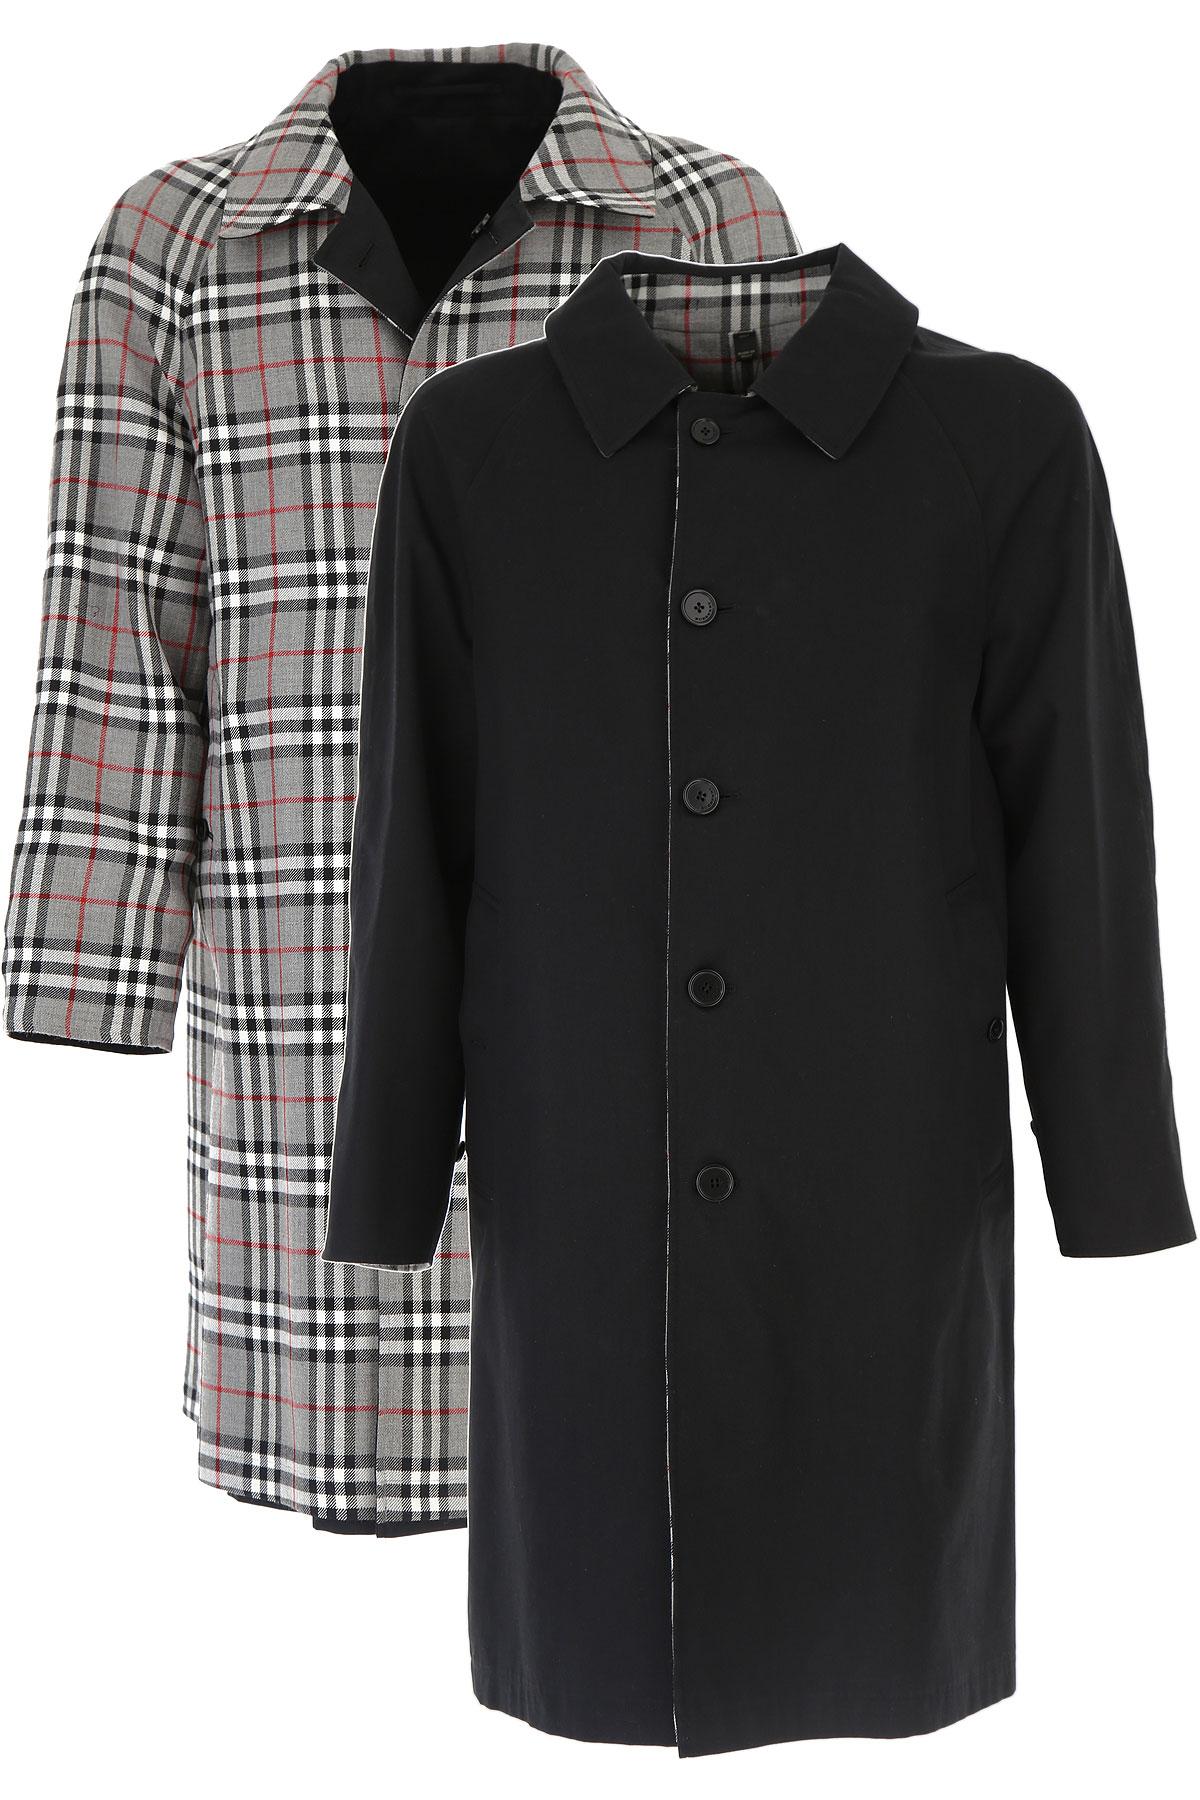 Image of Burberry Men\'s Coat, Black, Wool, 2017, S XS